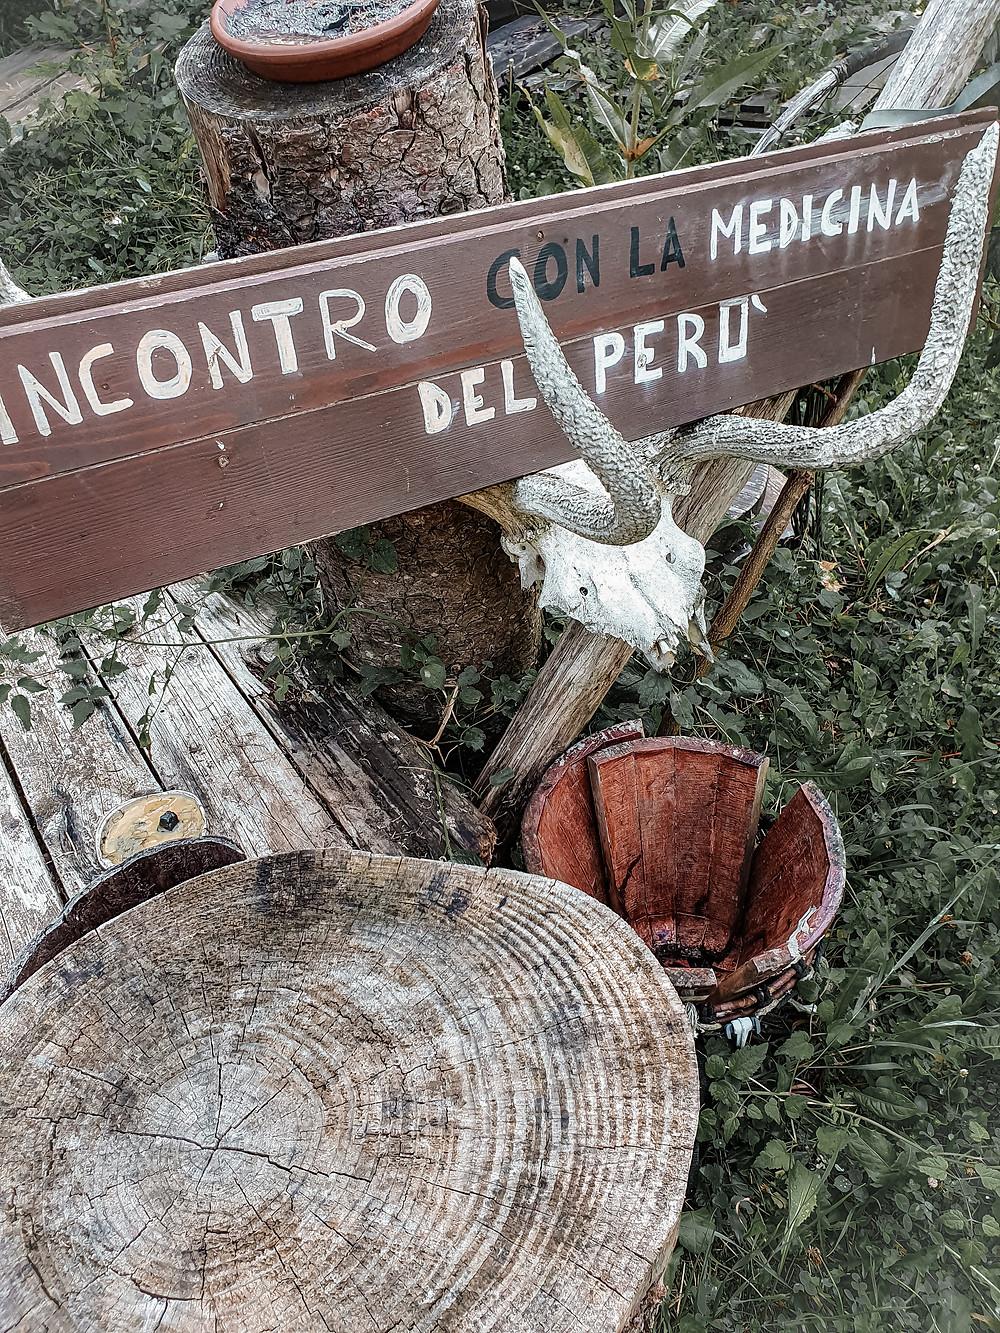 """Una frase a chiare lettere ci incita al sapere: """"Incontro con la medicina del Perù"""". L'asse di legno su cui è scritta è sostenuta dallo scheletro della testa di un animale. Nel villaggio indiano in Emilia Romagna, eccoci spiegata la medicina Peruviana."""